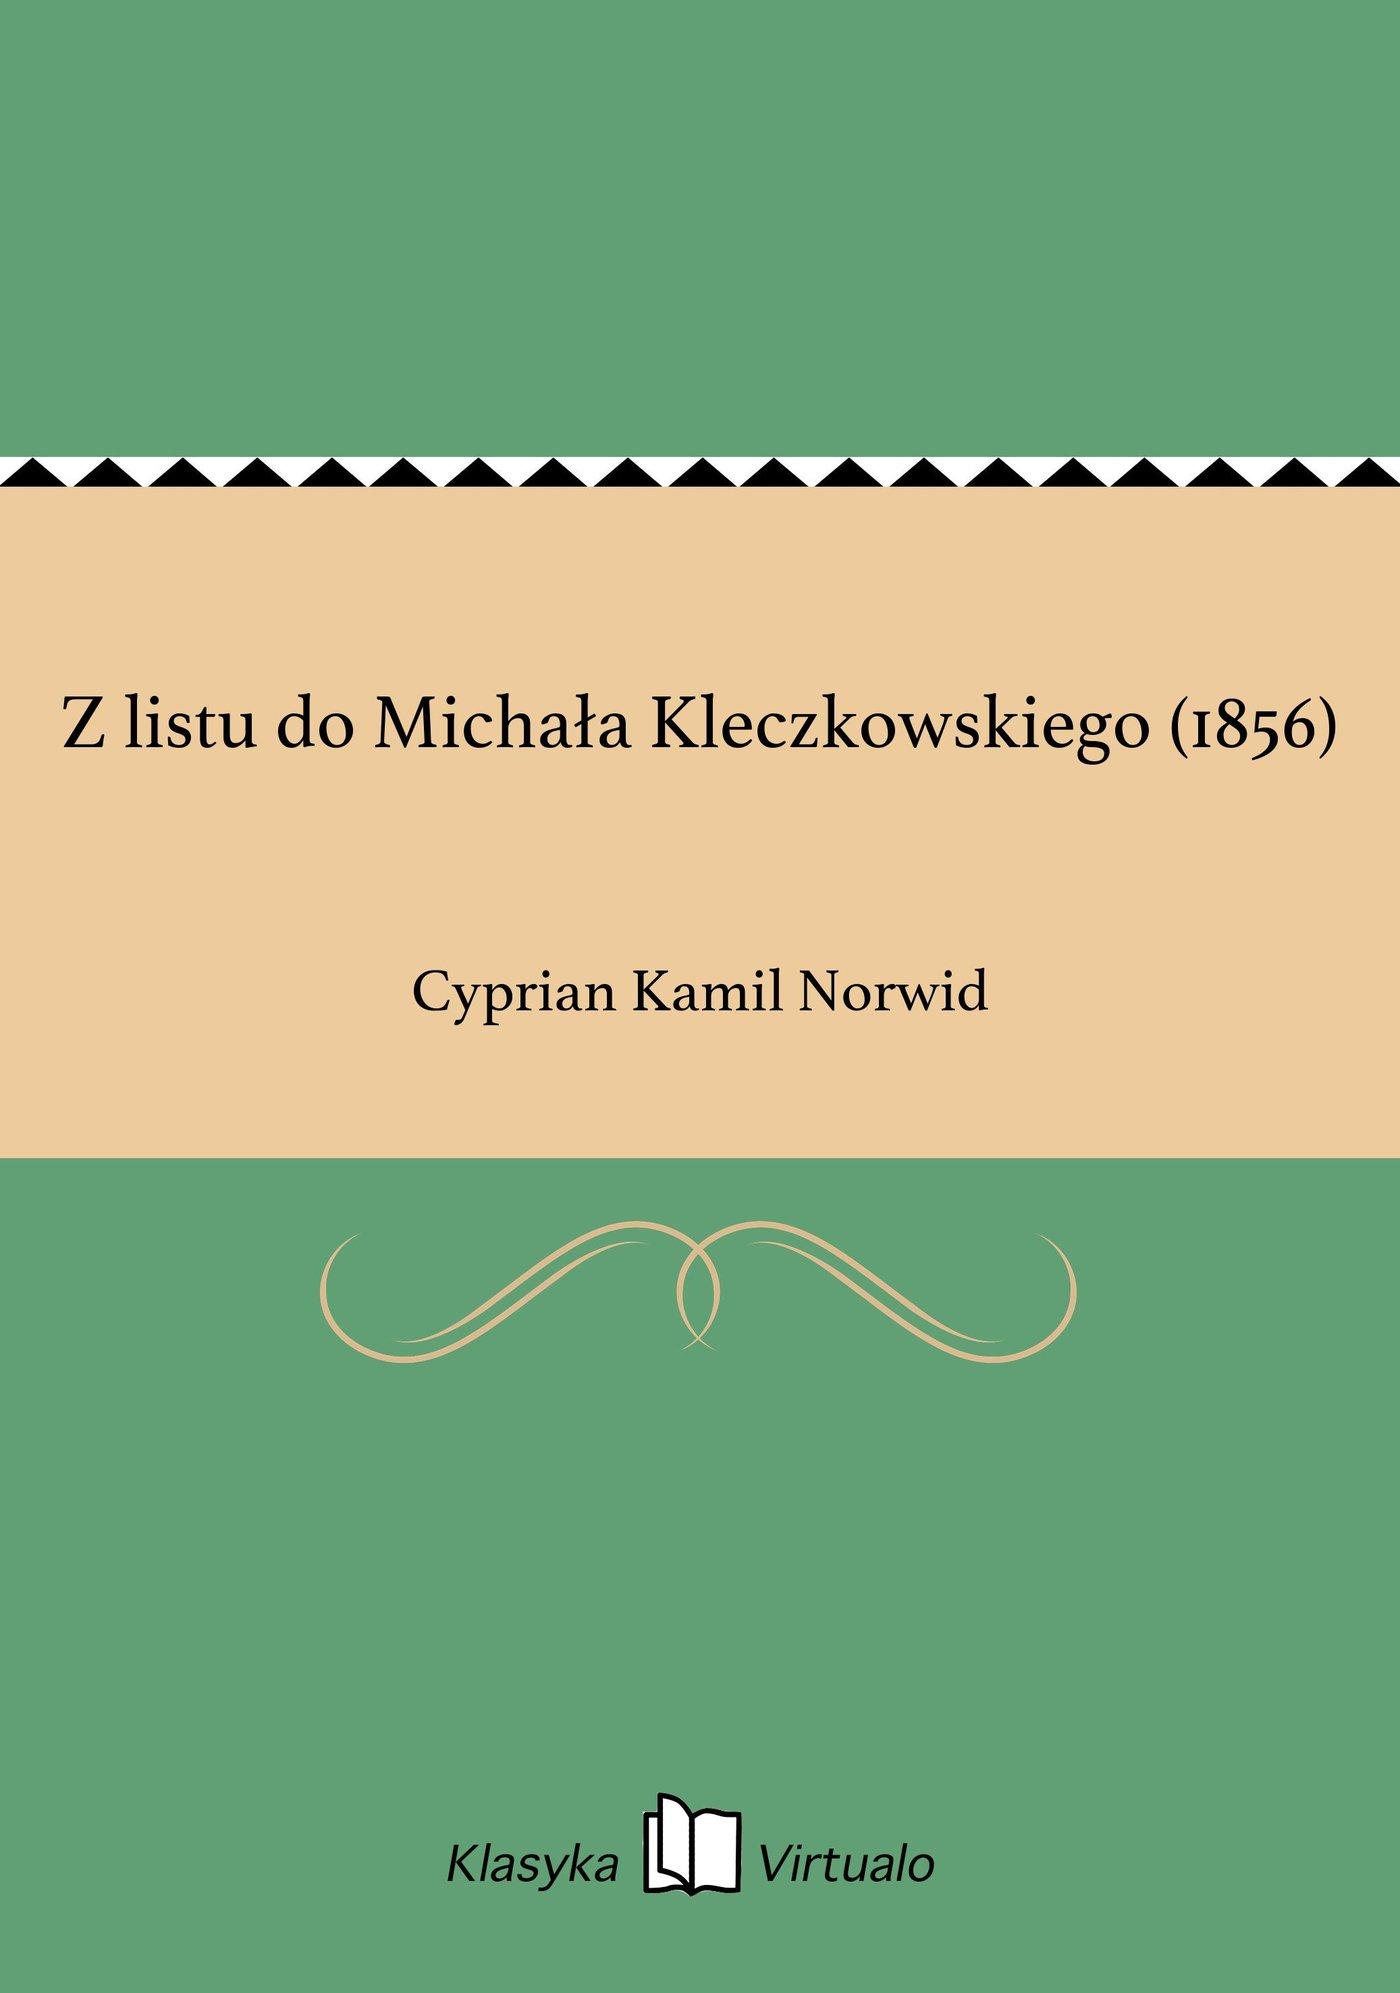 Z listu do Michała Kleczkowskiego (1856) - Ebook (Książka EPUB) do pobrania w formacie EPUB